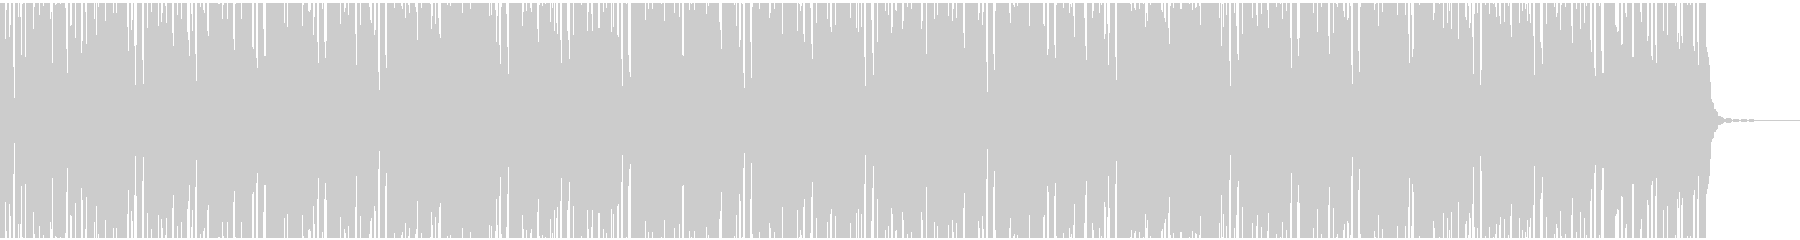 CHILLOUTの未再生の波形